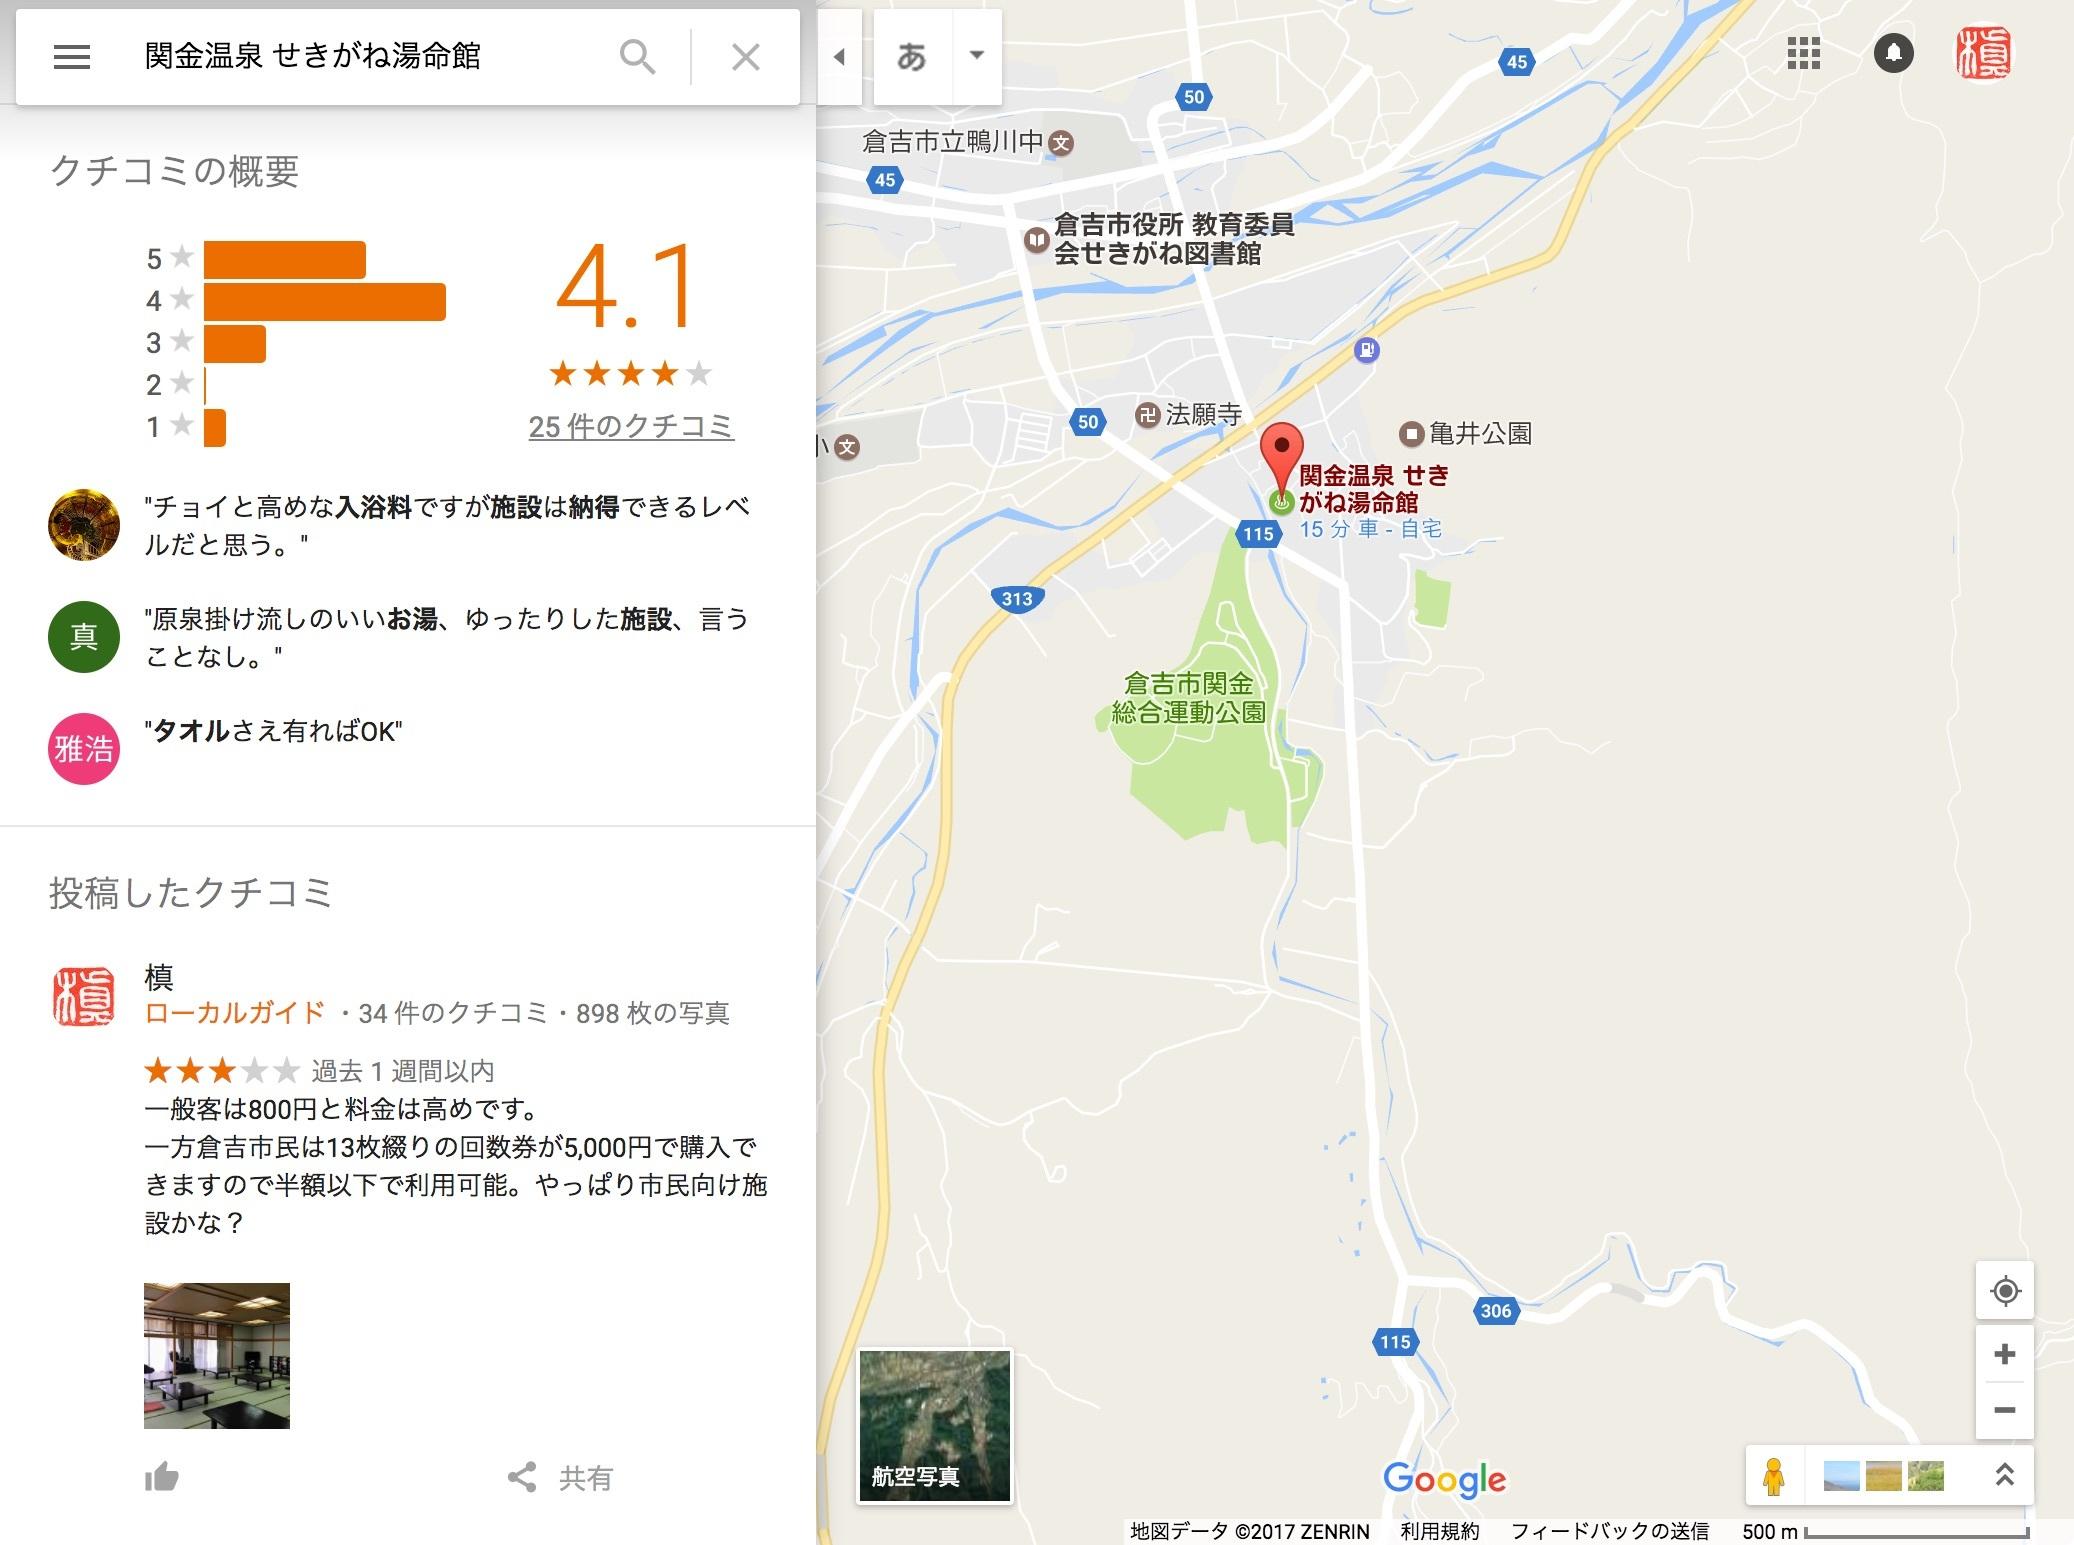 関金温泉_せきがね湯命館_-_Google_マップ